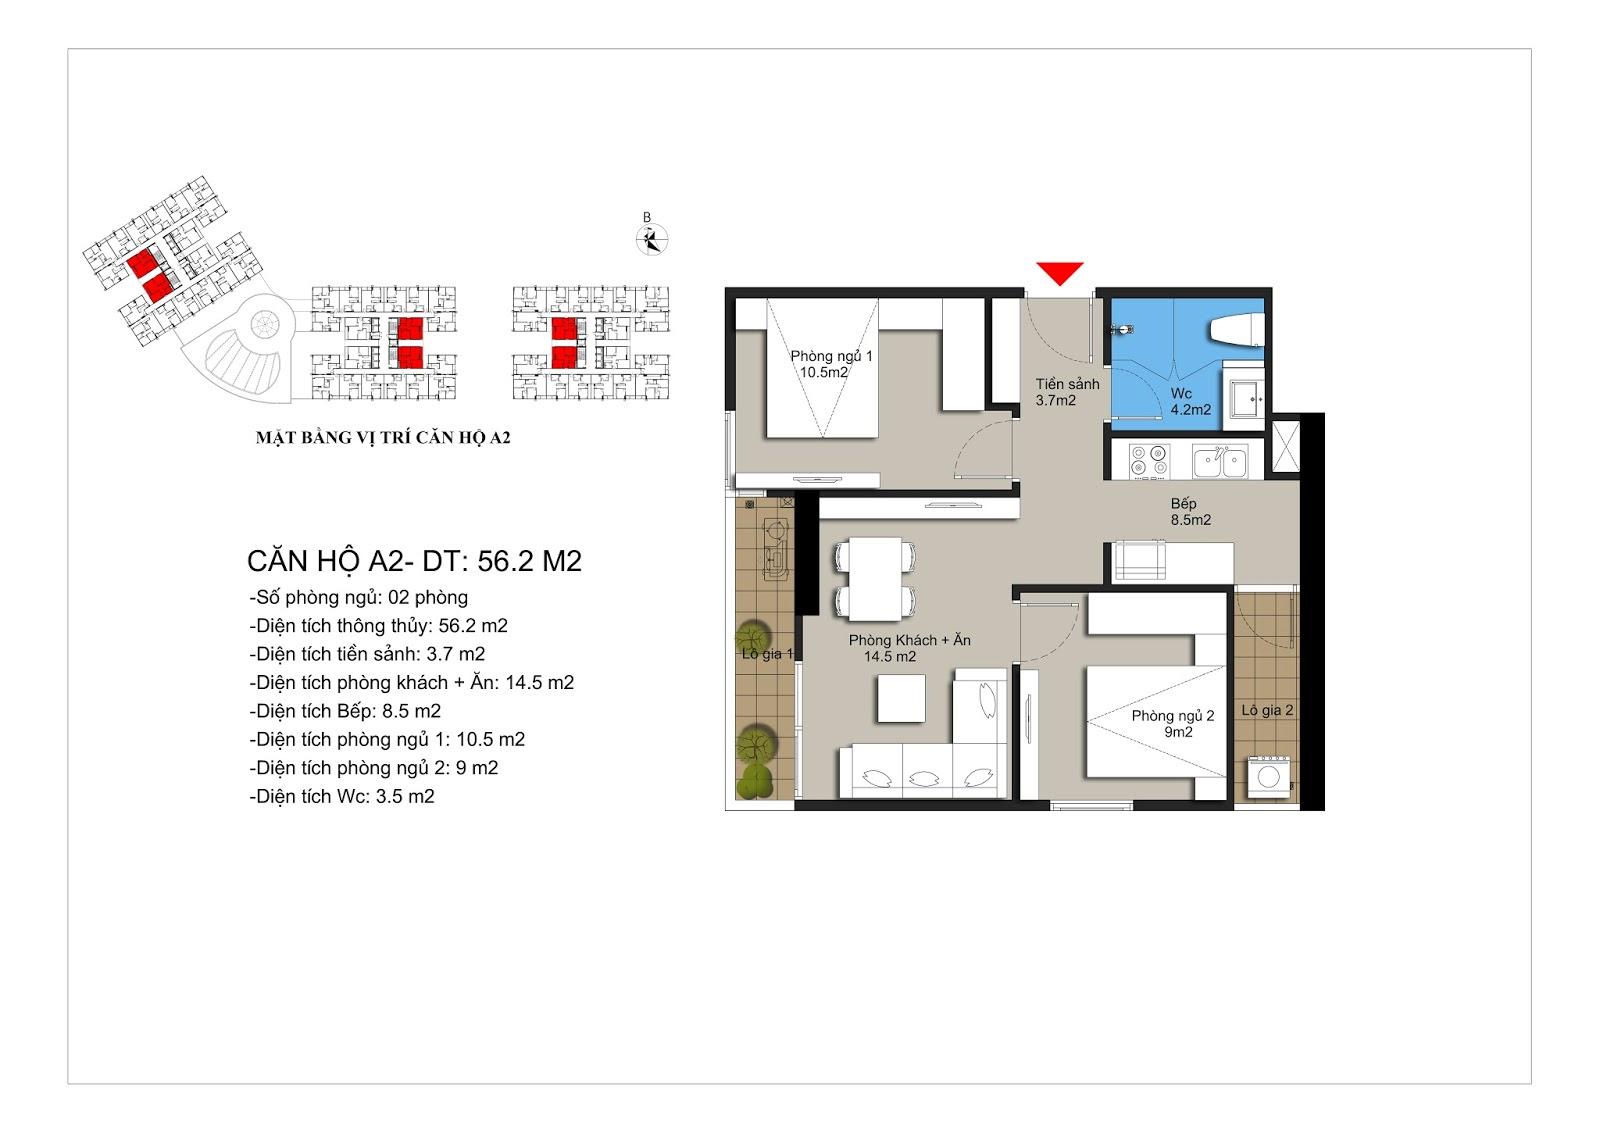 Thiết kế căn hộ A2 56m2 chung cư Hateco Xuân Phương